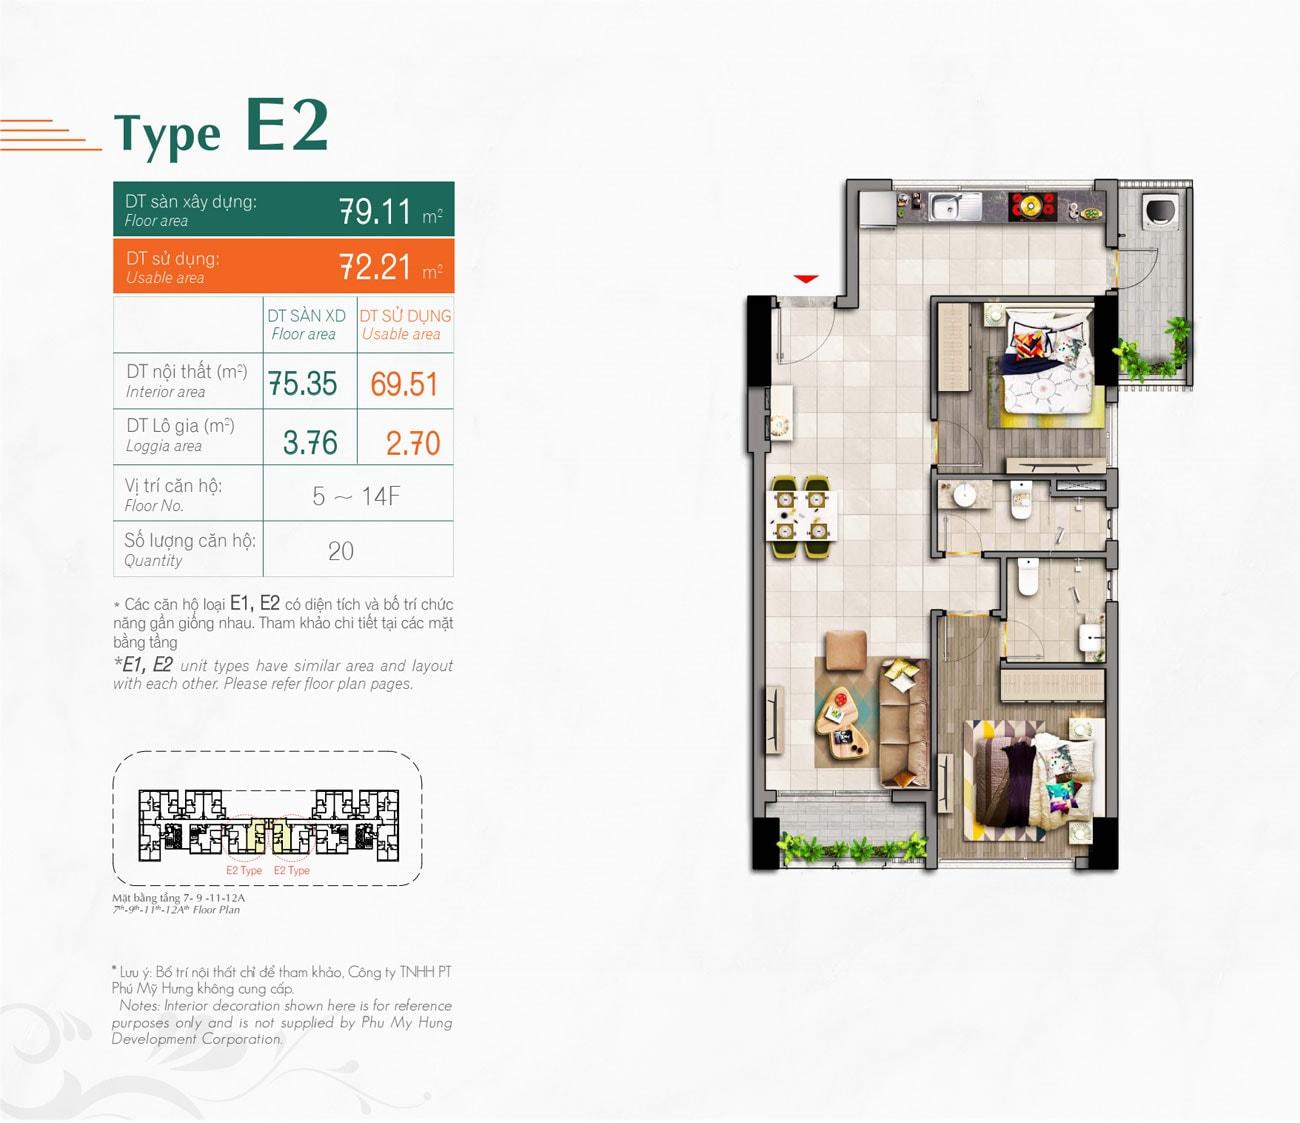 Kiểu căn hộ Type E2 Hưng Phúc Premier